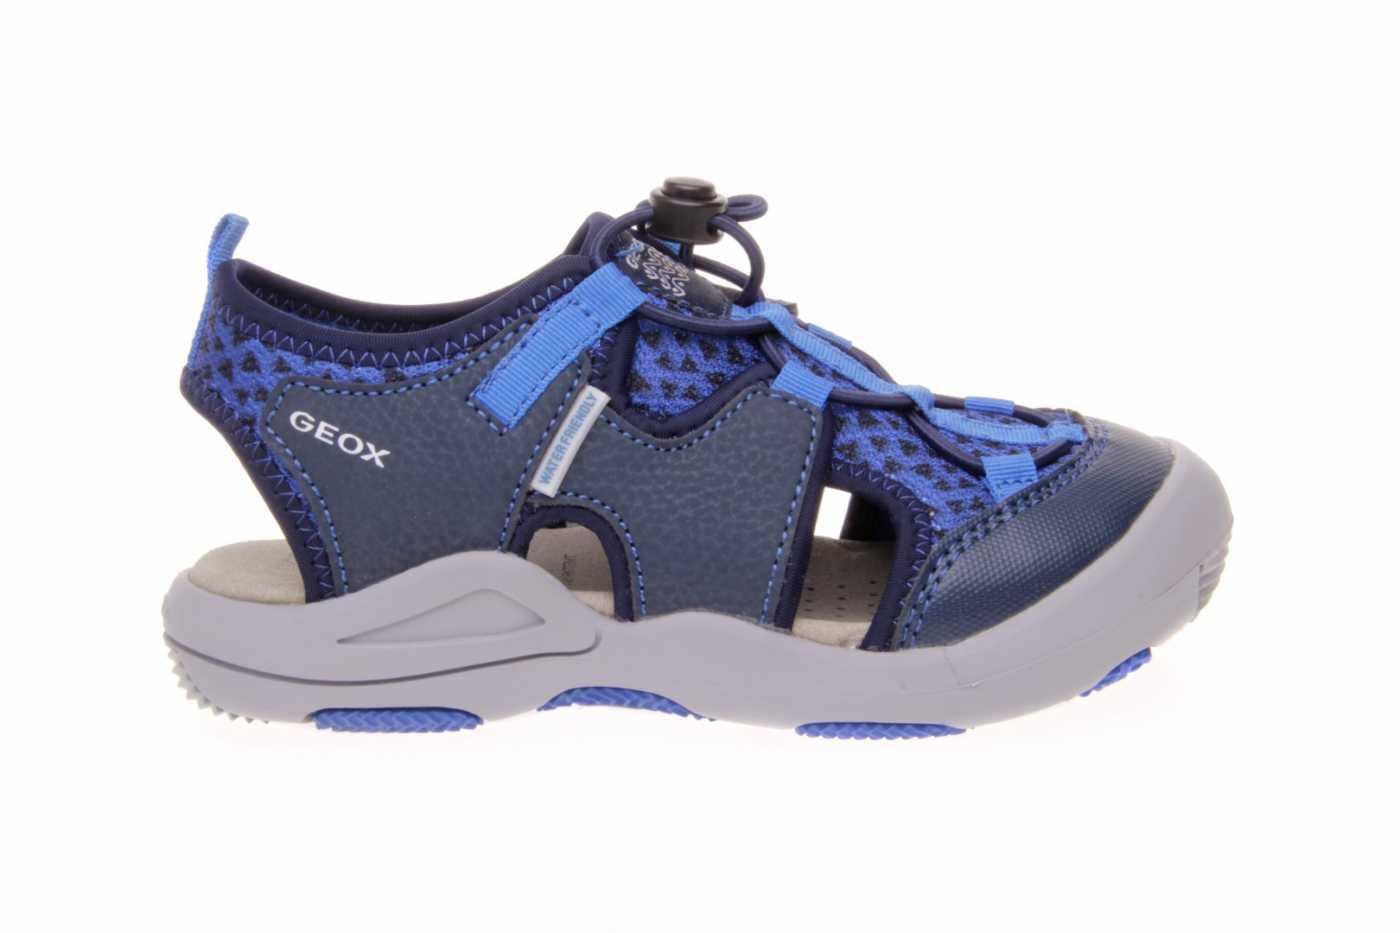 d7e74363 Azul Tipo Niño Comprar Joven Color Estilo Zapato Marino Sandalia 2YWEDHI9